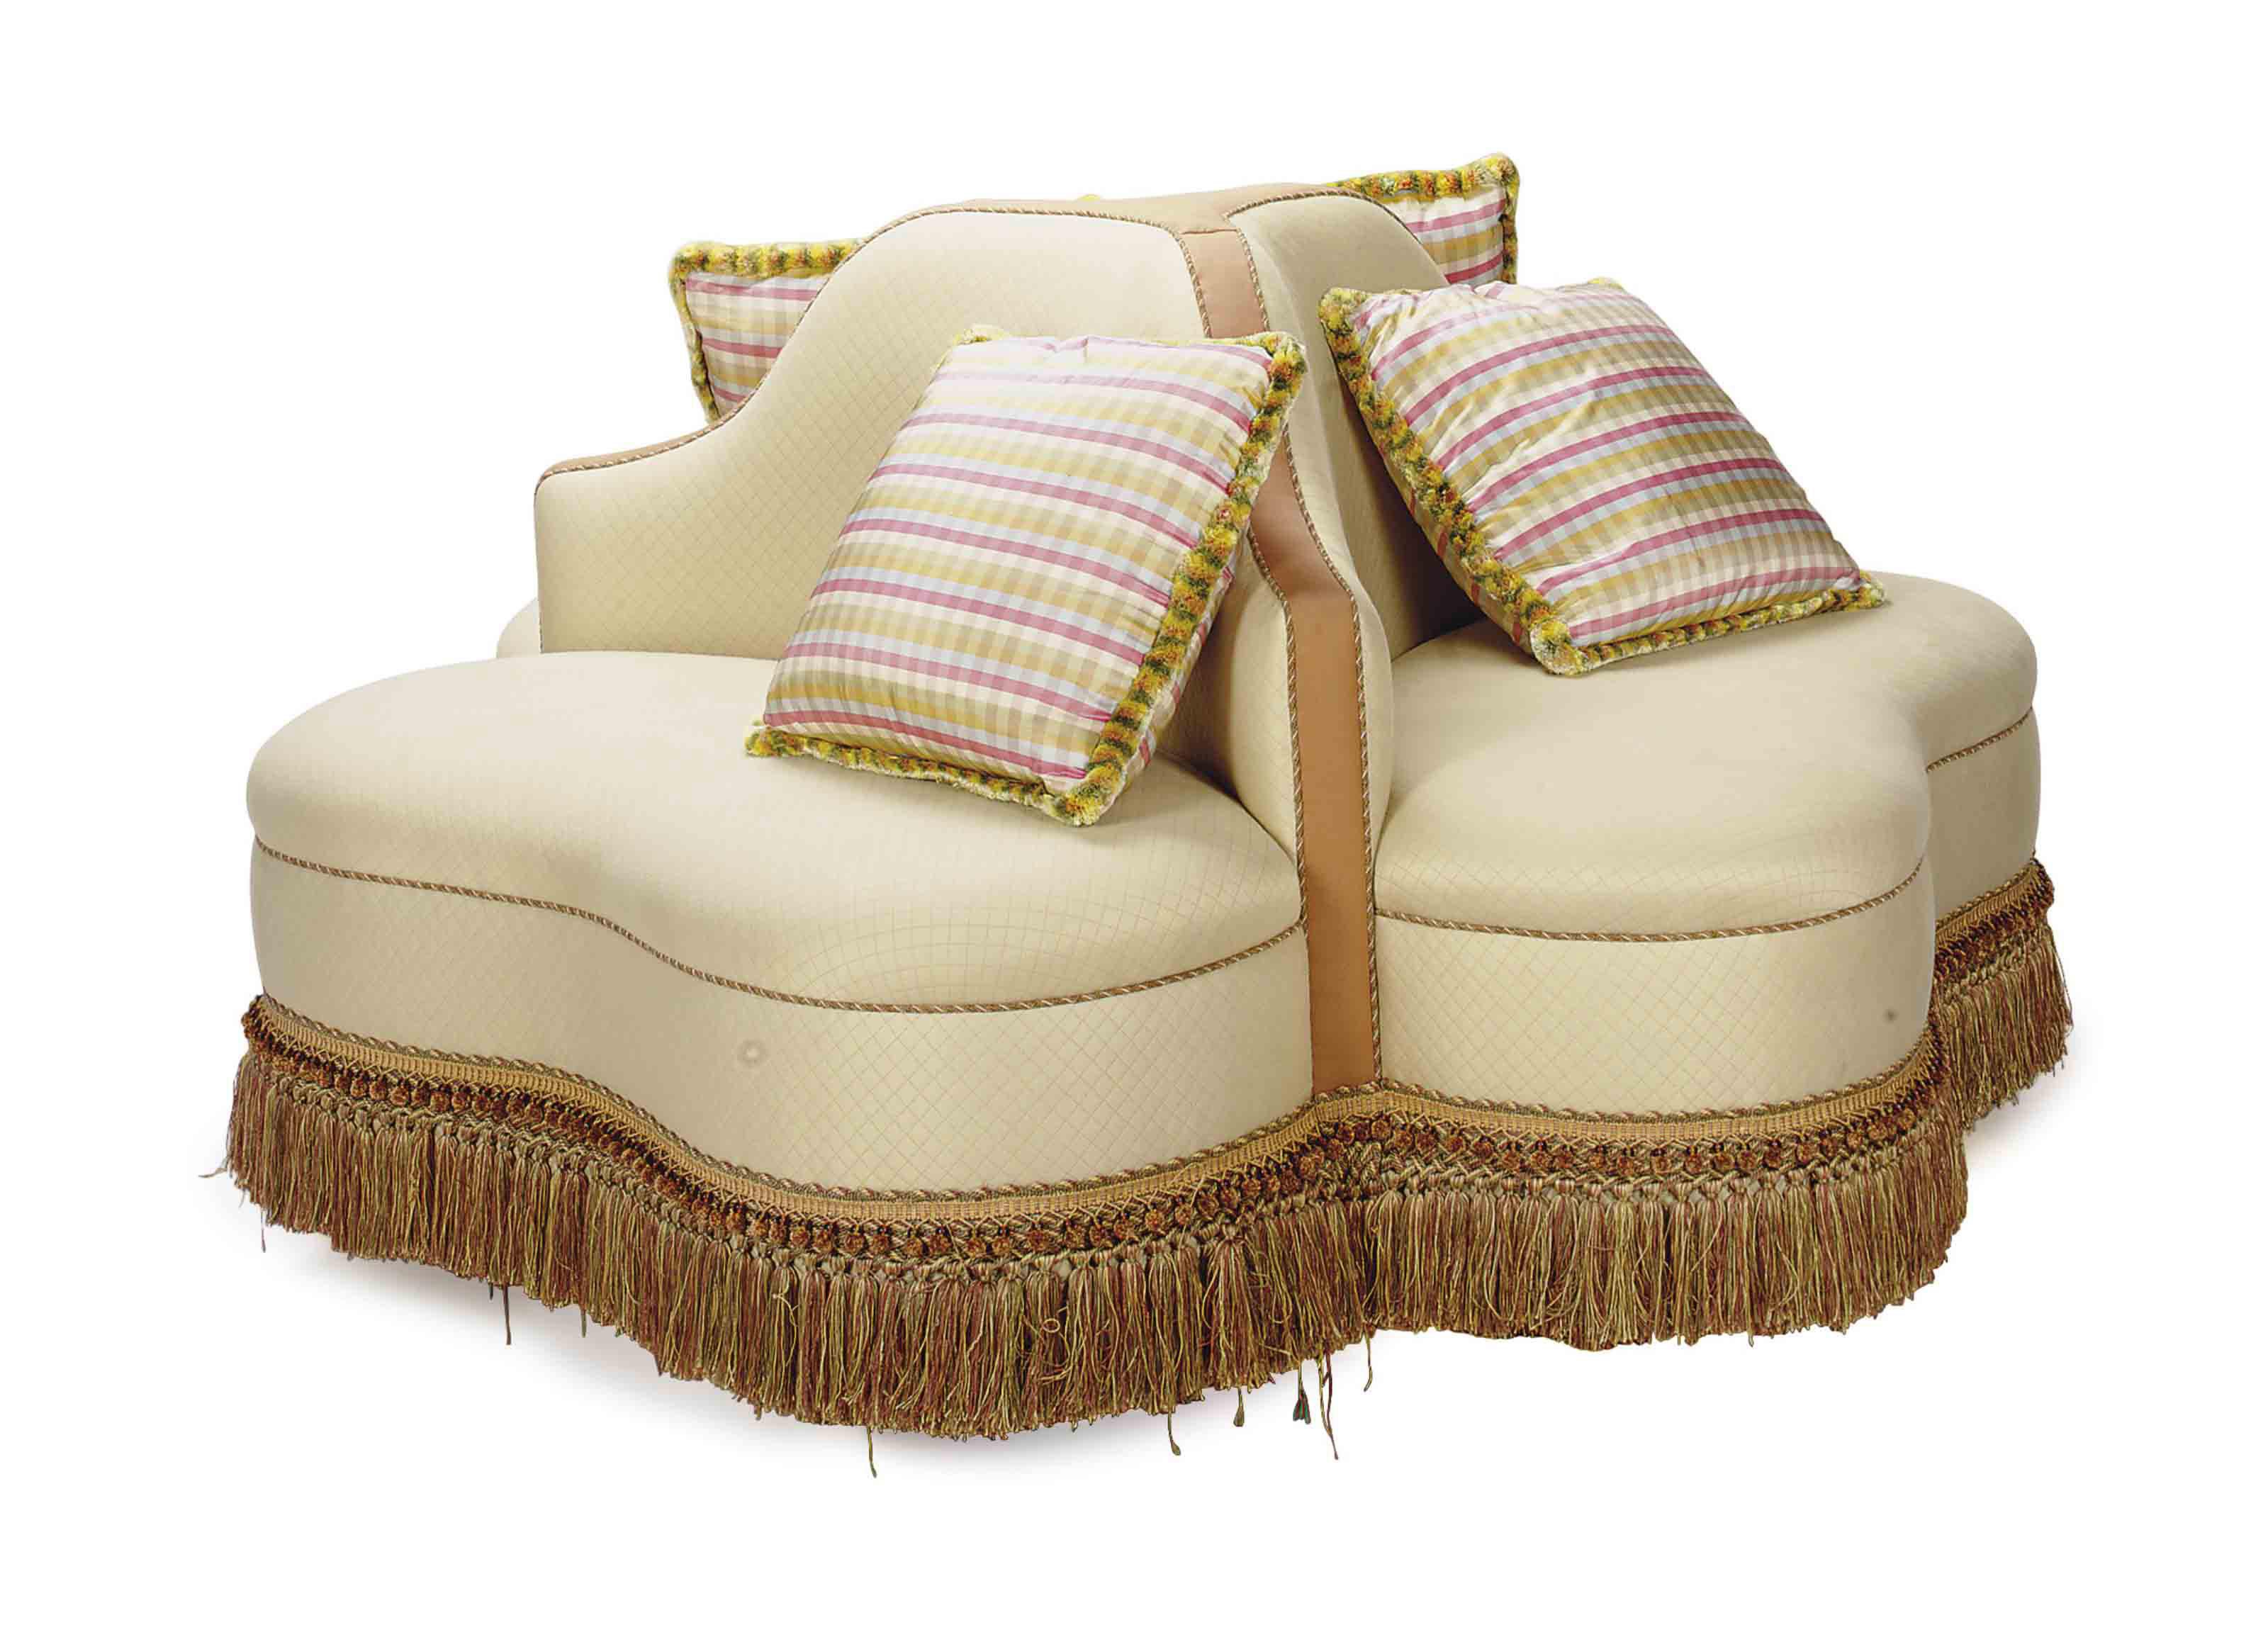 A cream cotton upholstered circular confidante sofa